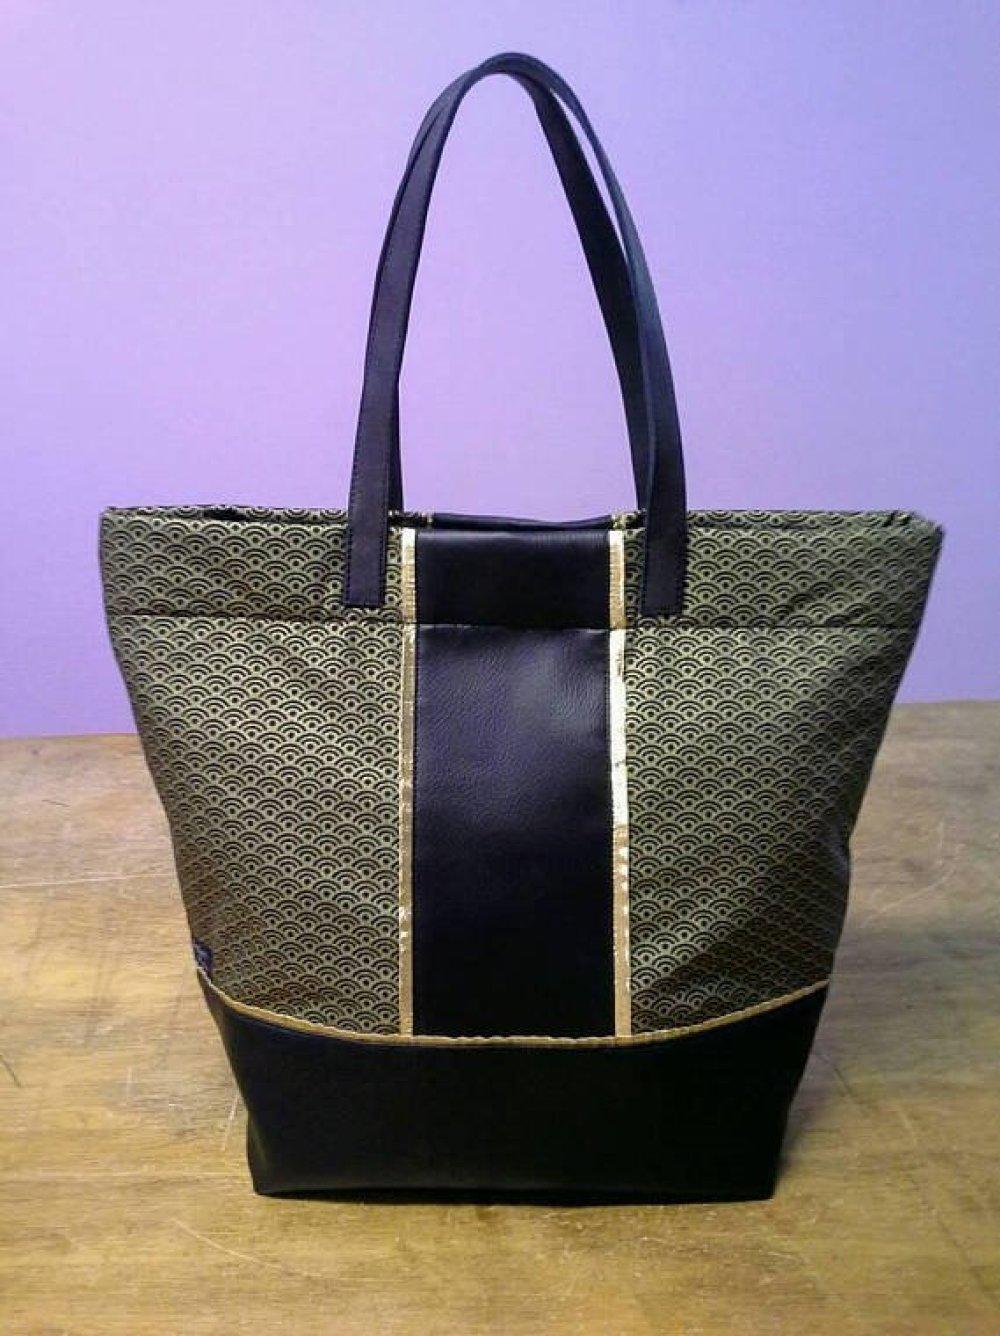 sac noir et doré en simili cuir